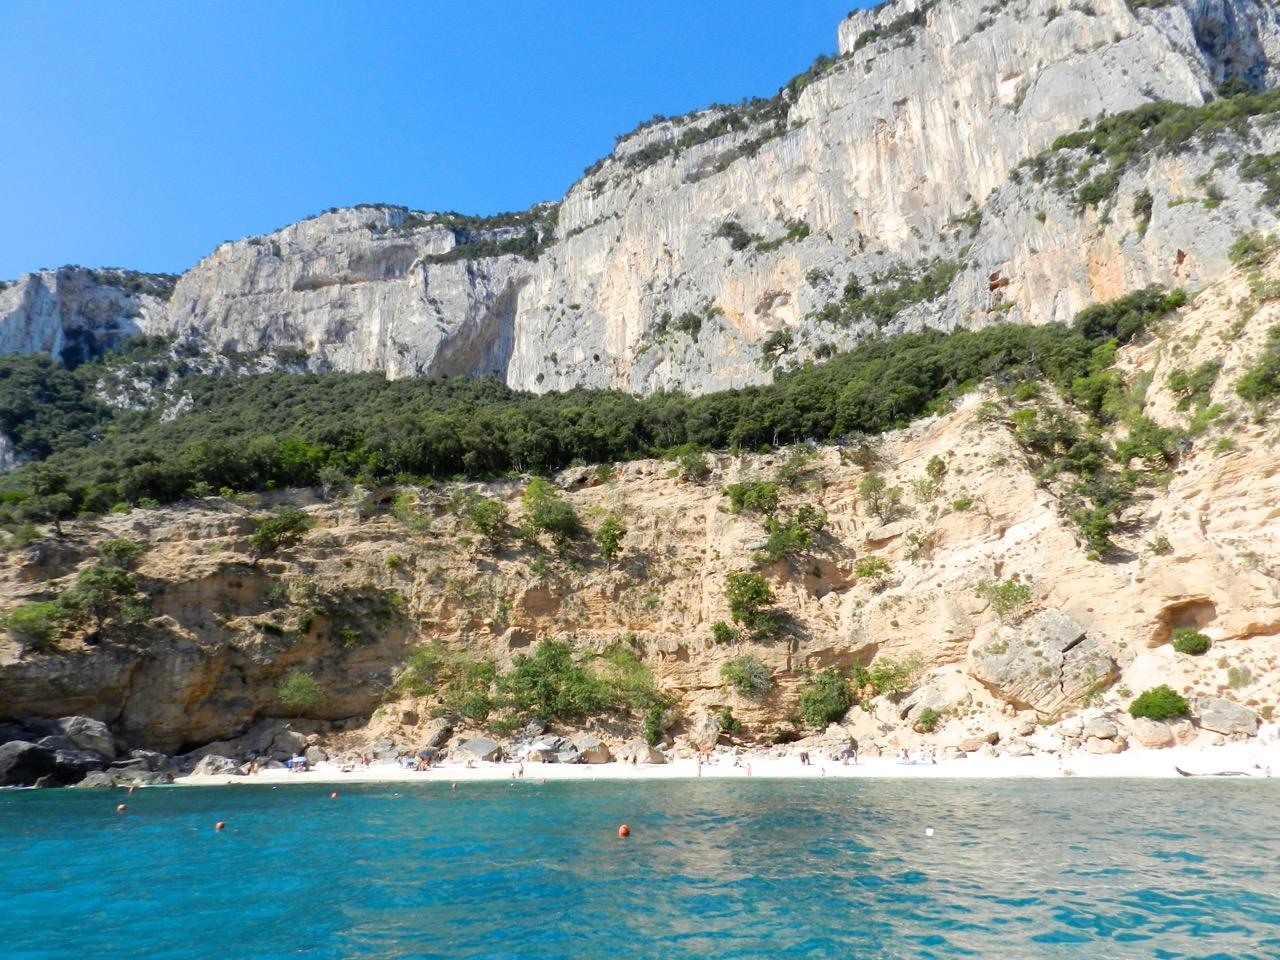 Für mich besser als Costa Smeralda: die atemberaubende Cala Mariolu